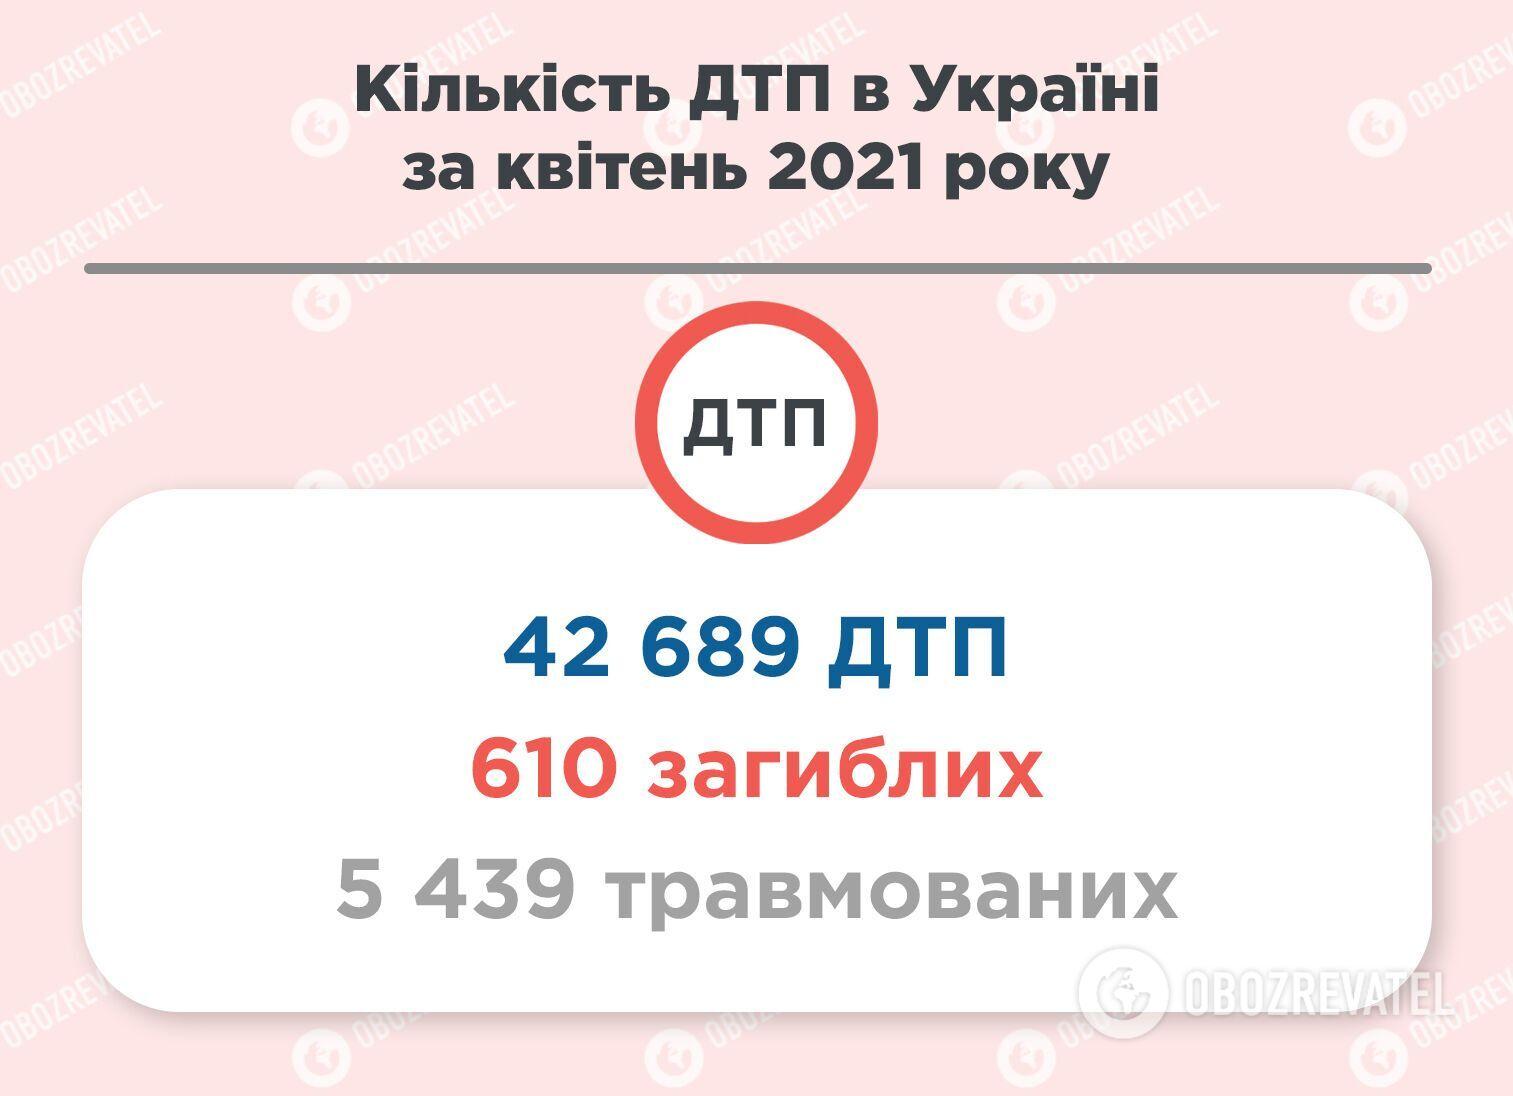 Статистика ДТП в Україні.